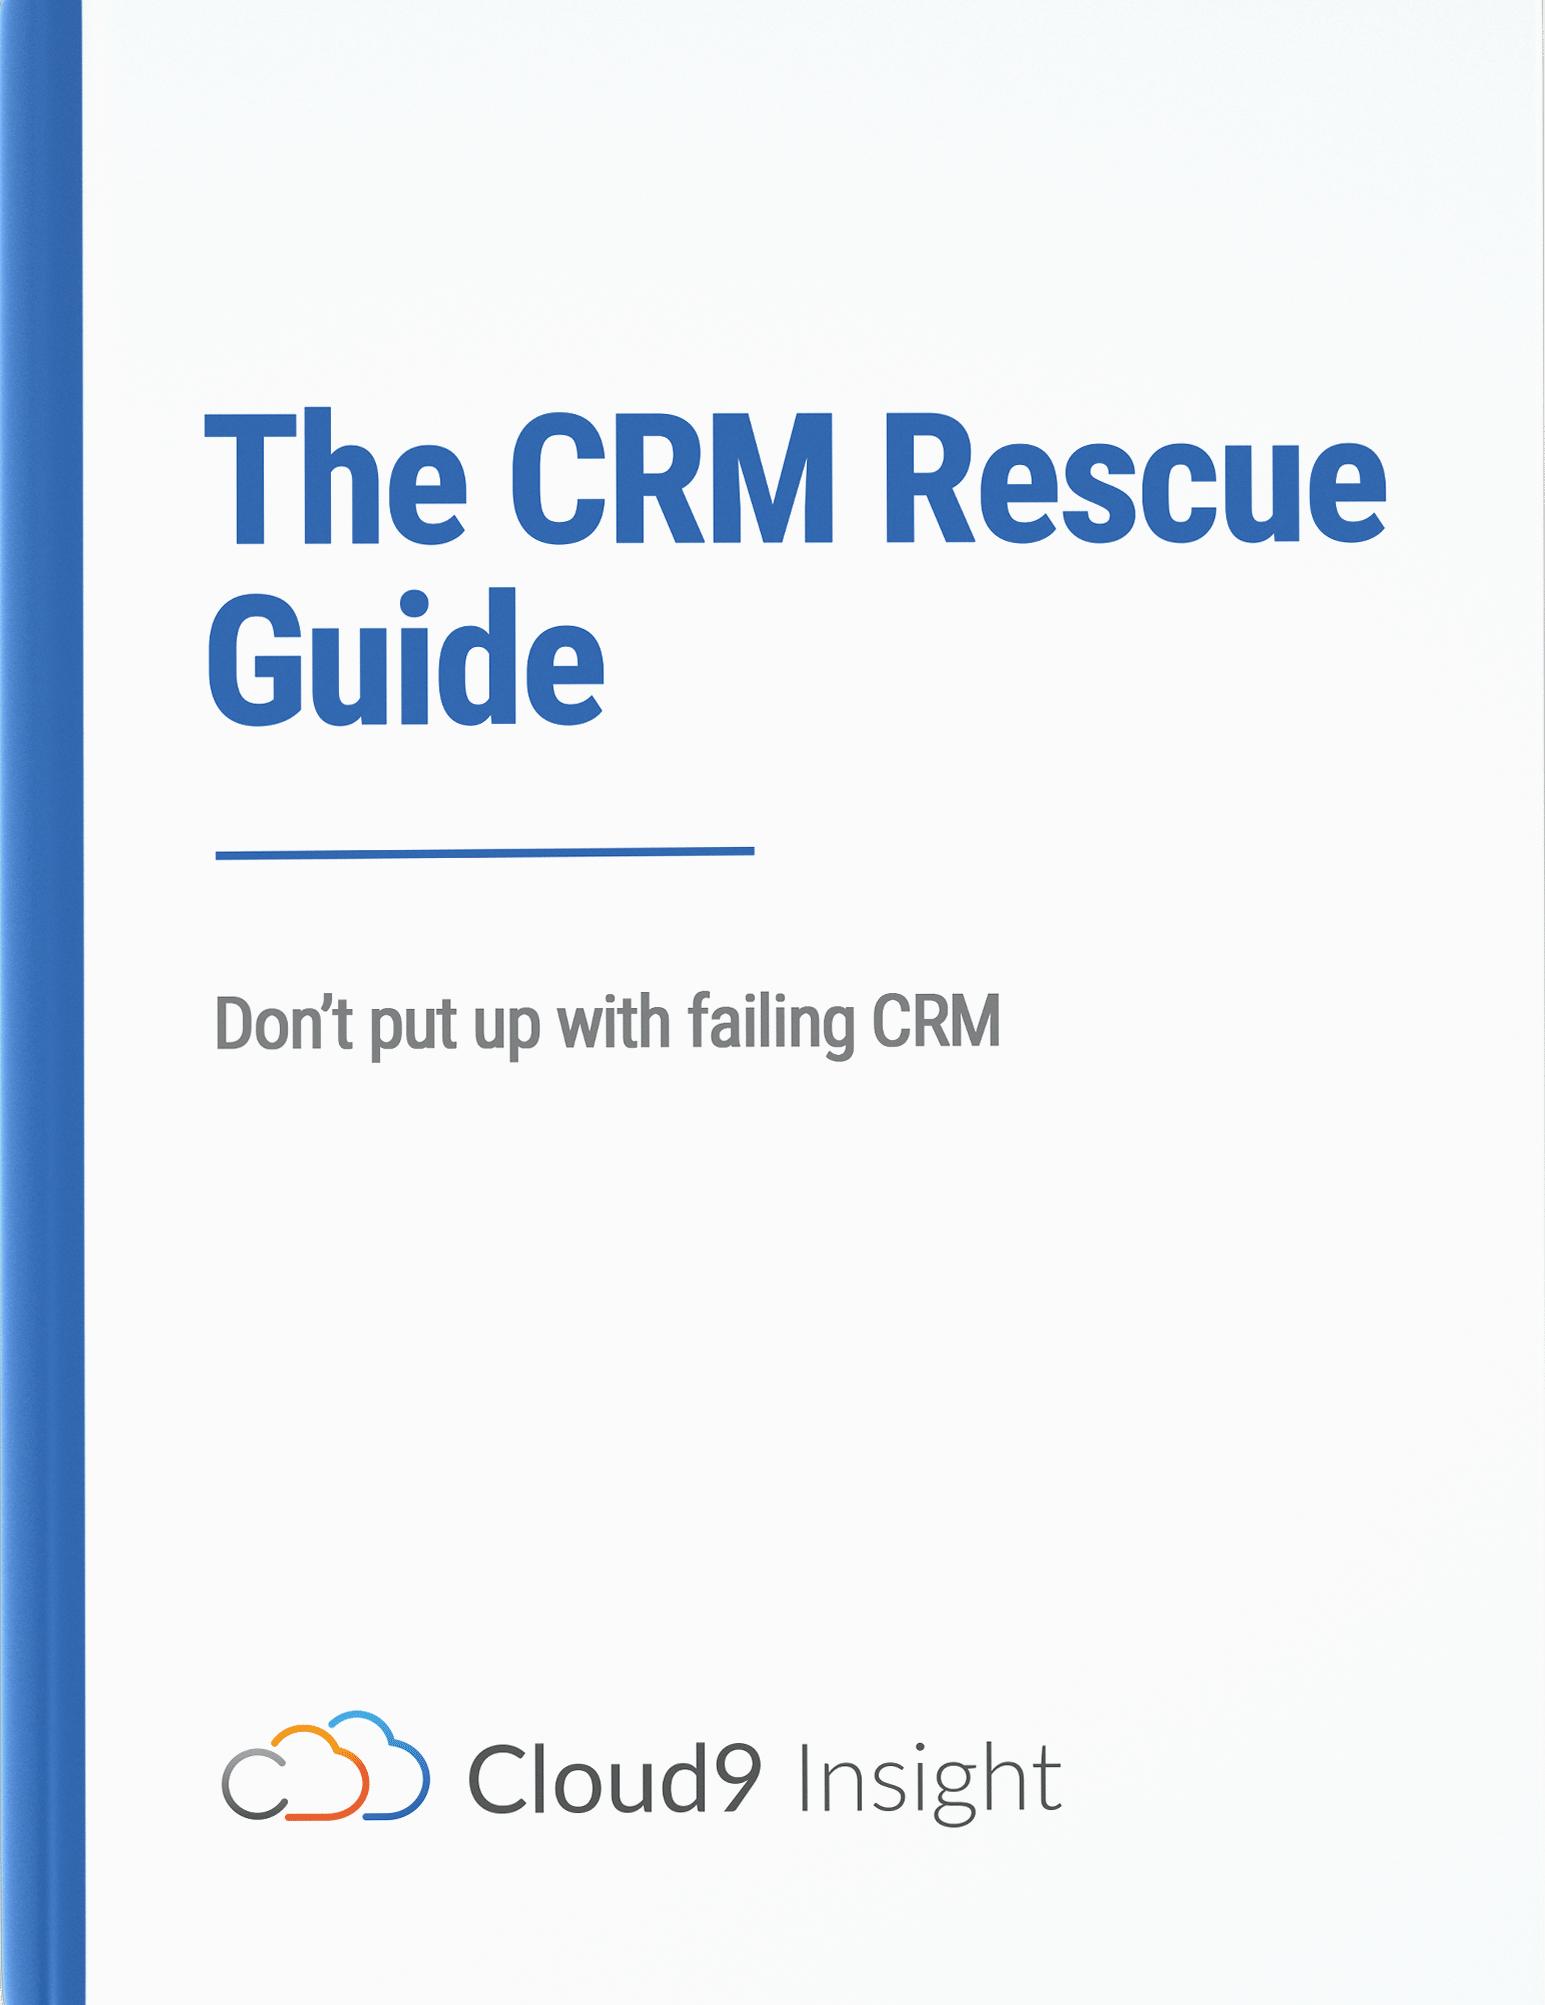 CRM Rescue Guide